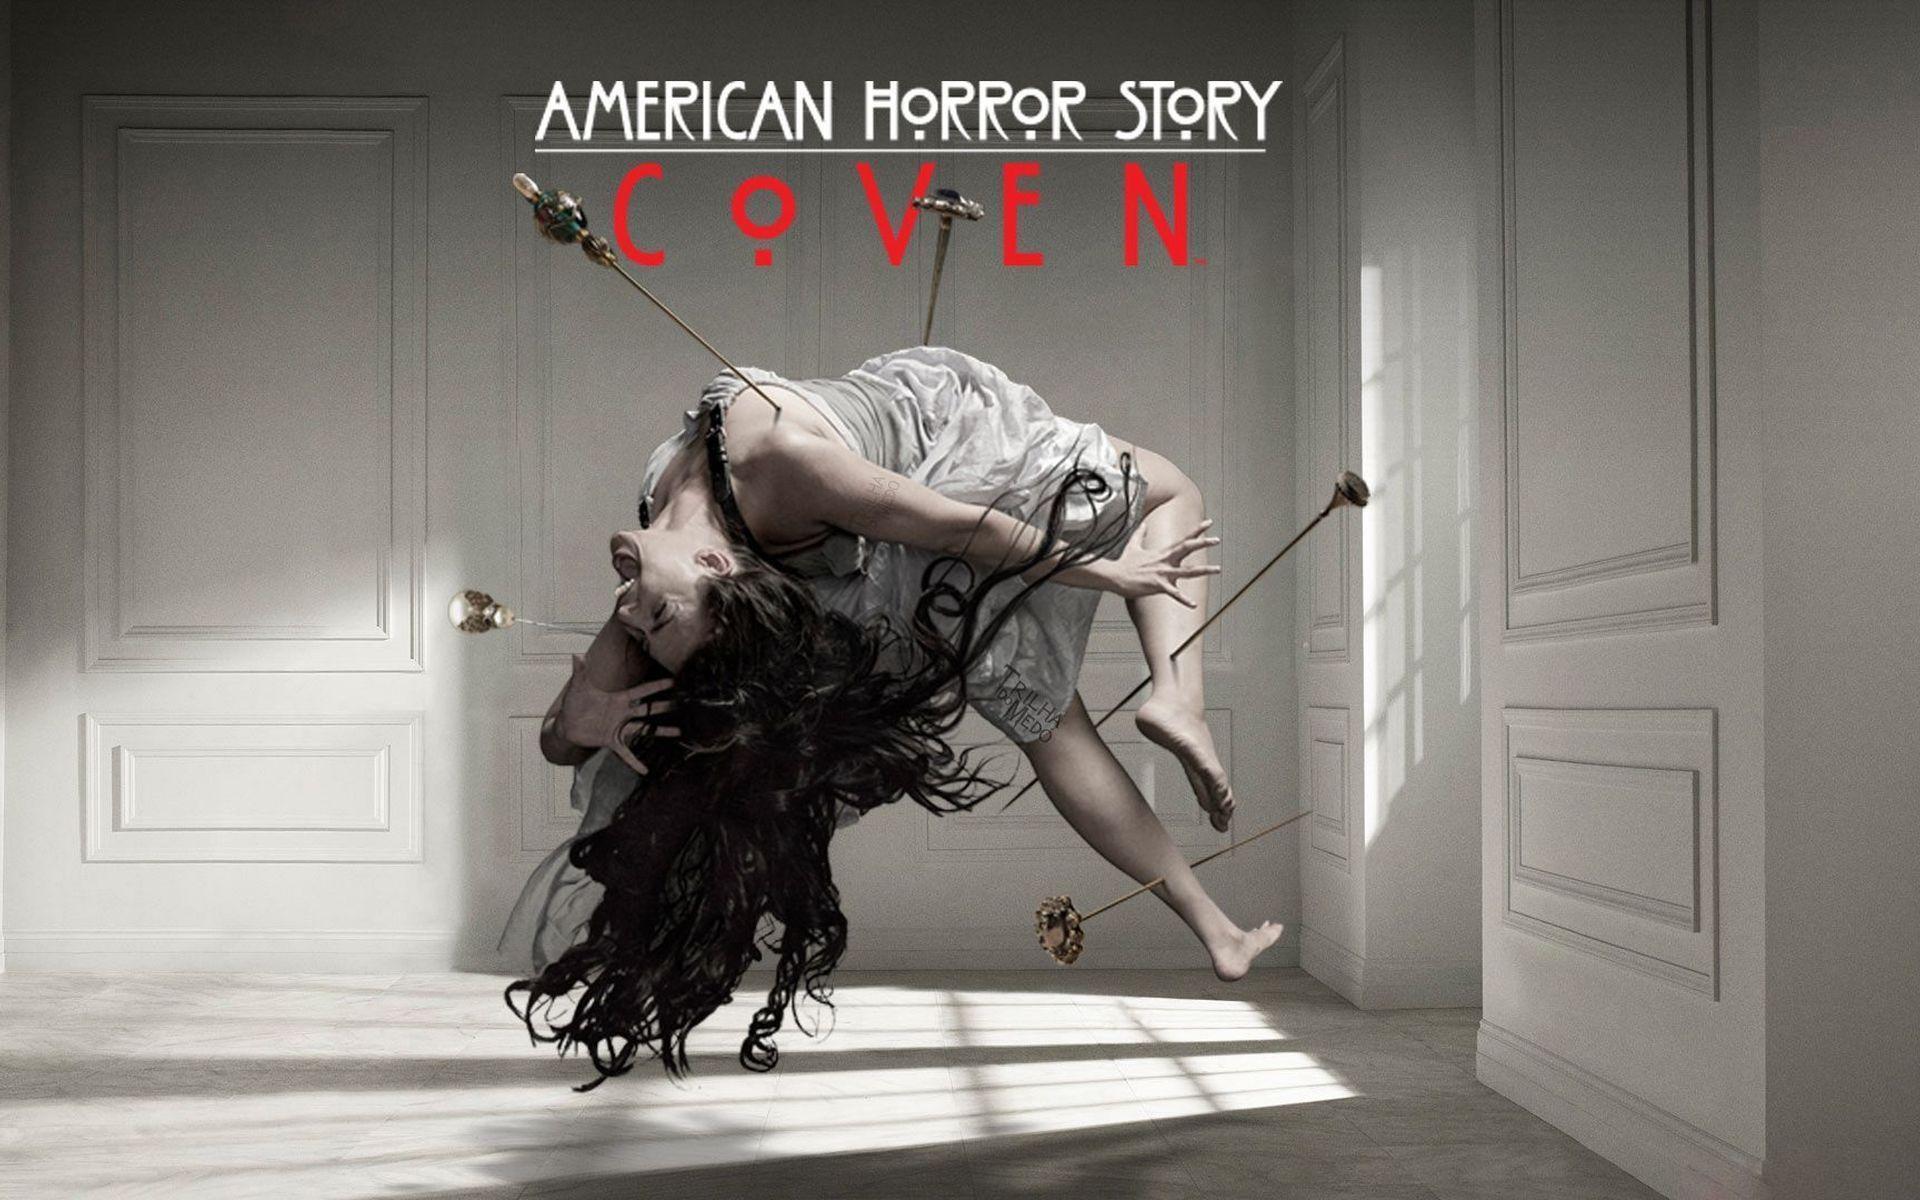 American Horror Story popularmente abreviado como AHS es una serie de televisión estadounidense de antología horror y drama creada por Ryan Murphy y Brad